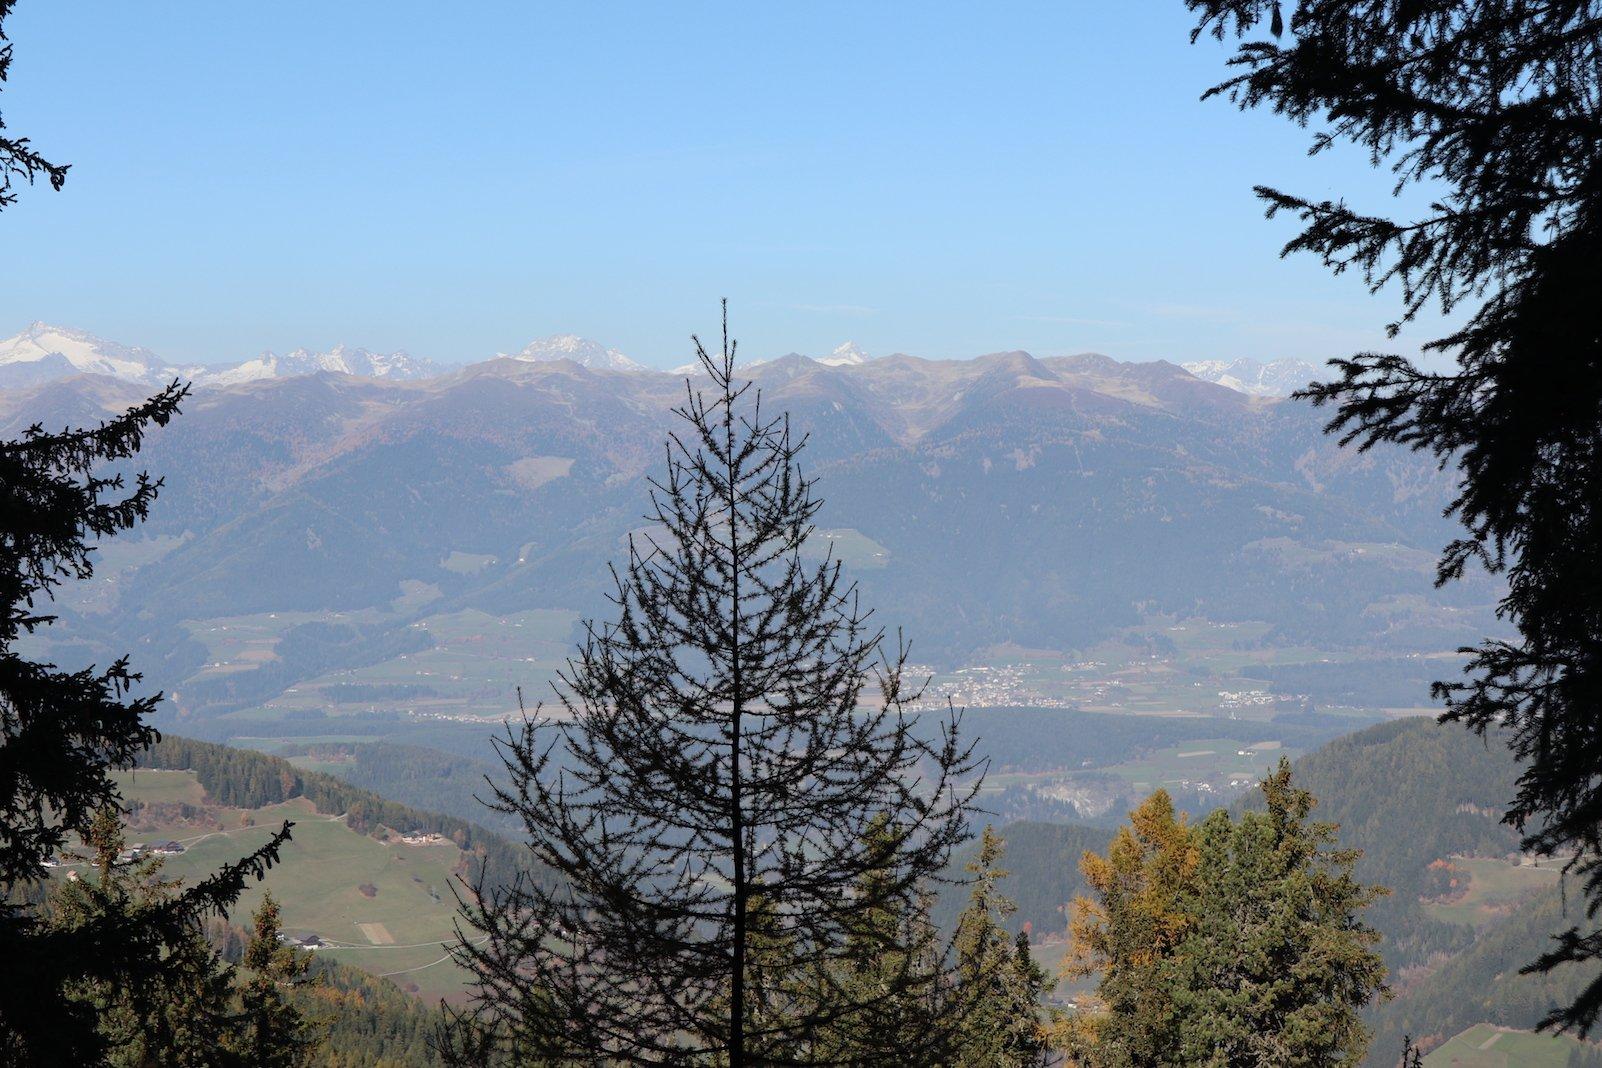 Links an dem Baum etwa in der Mitte Issing, rechts vom Baum Pfalzen